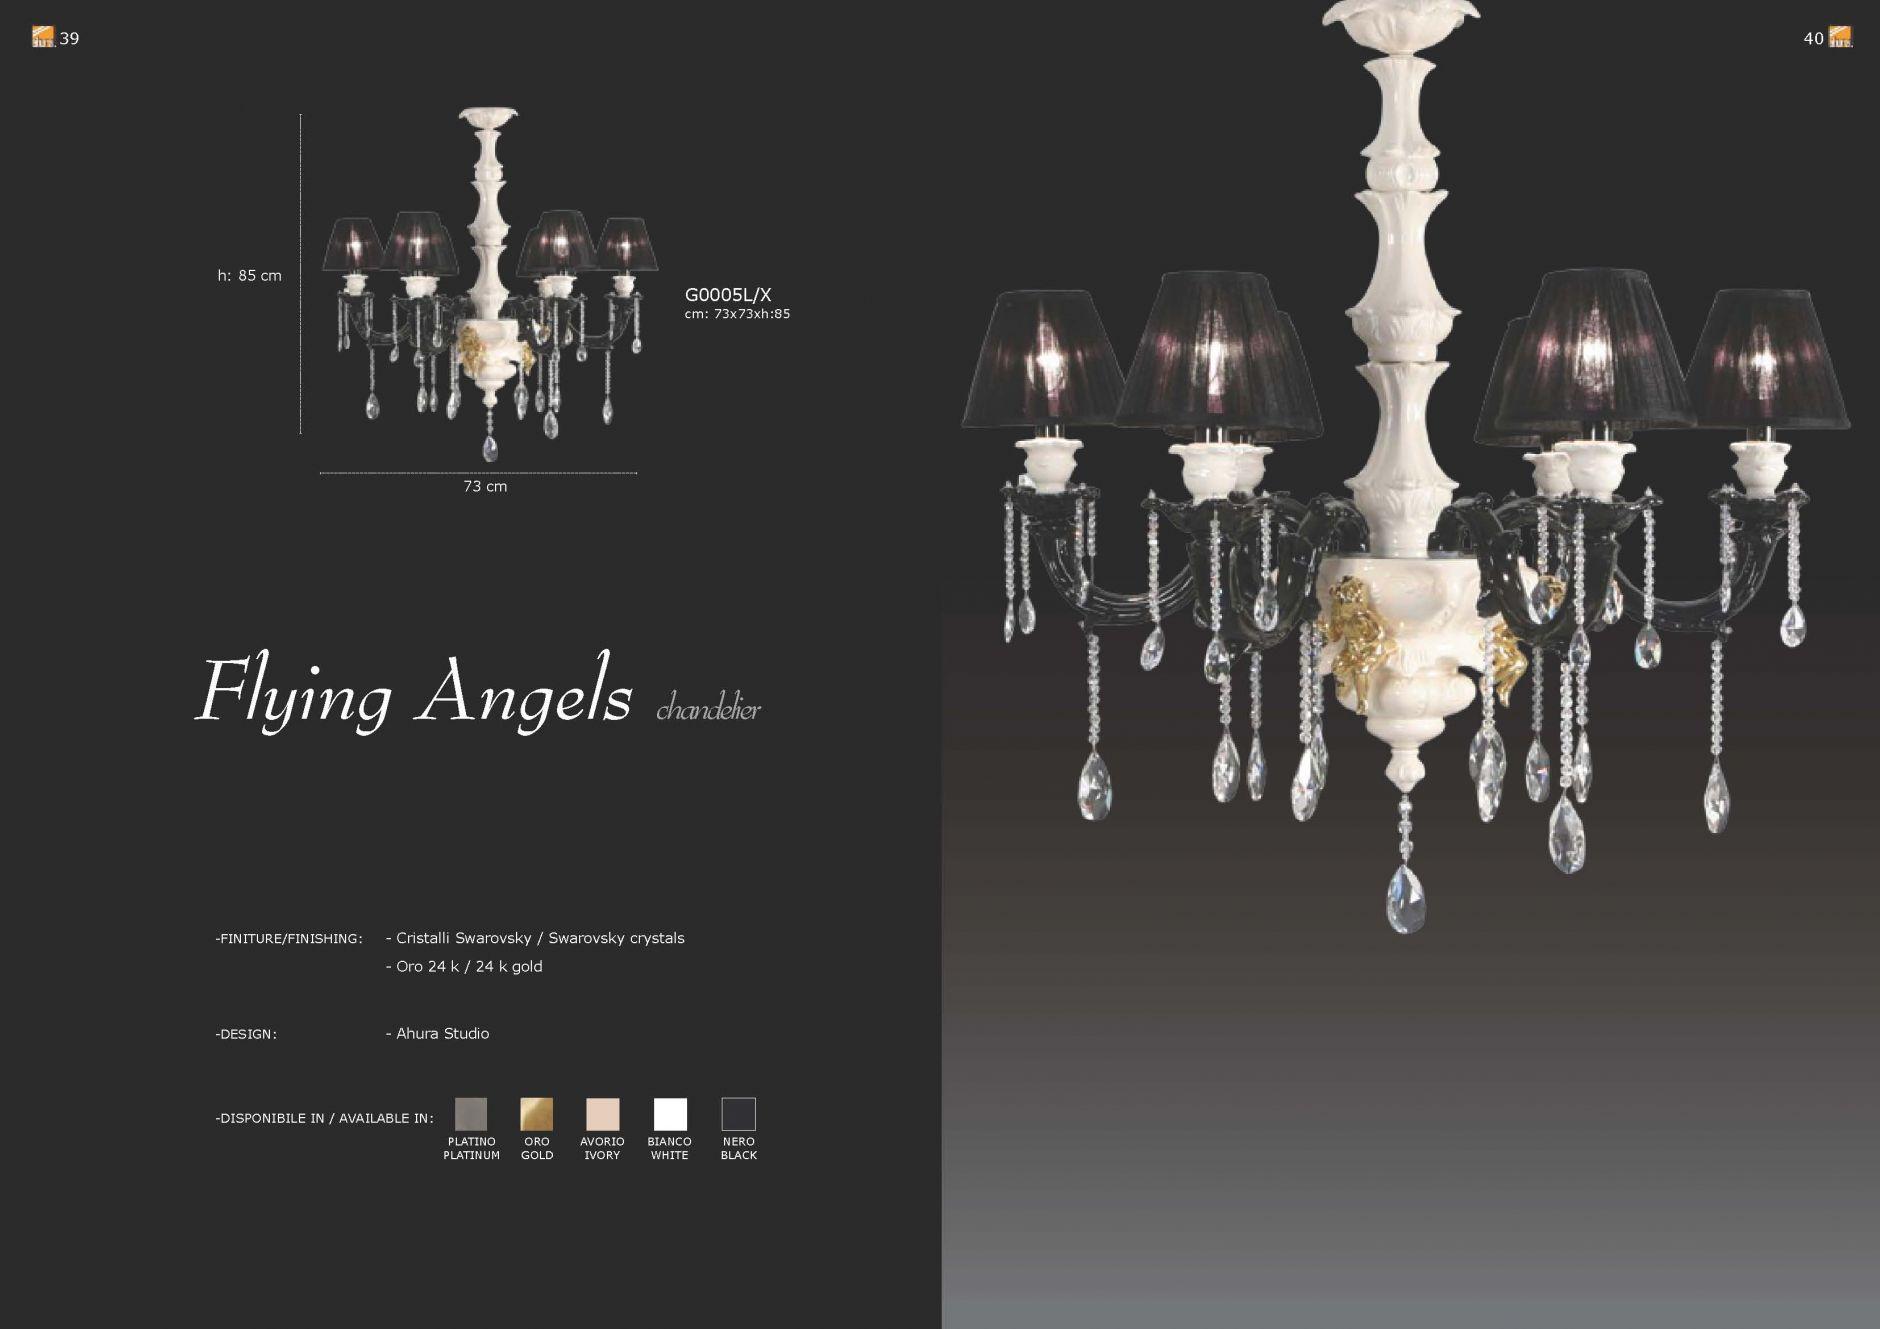 Kronleuchter Mit Engeln ~ Kronleuchter kronleuchter die fliegenden engelndie möbel